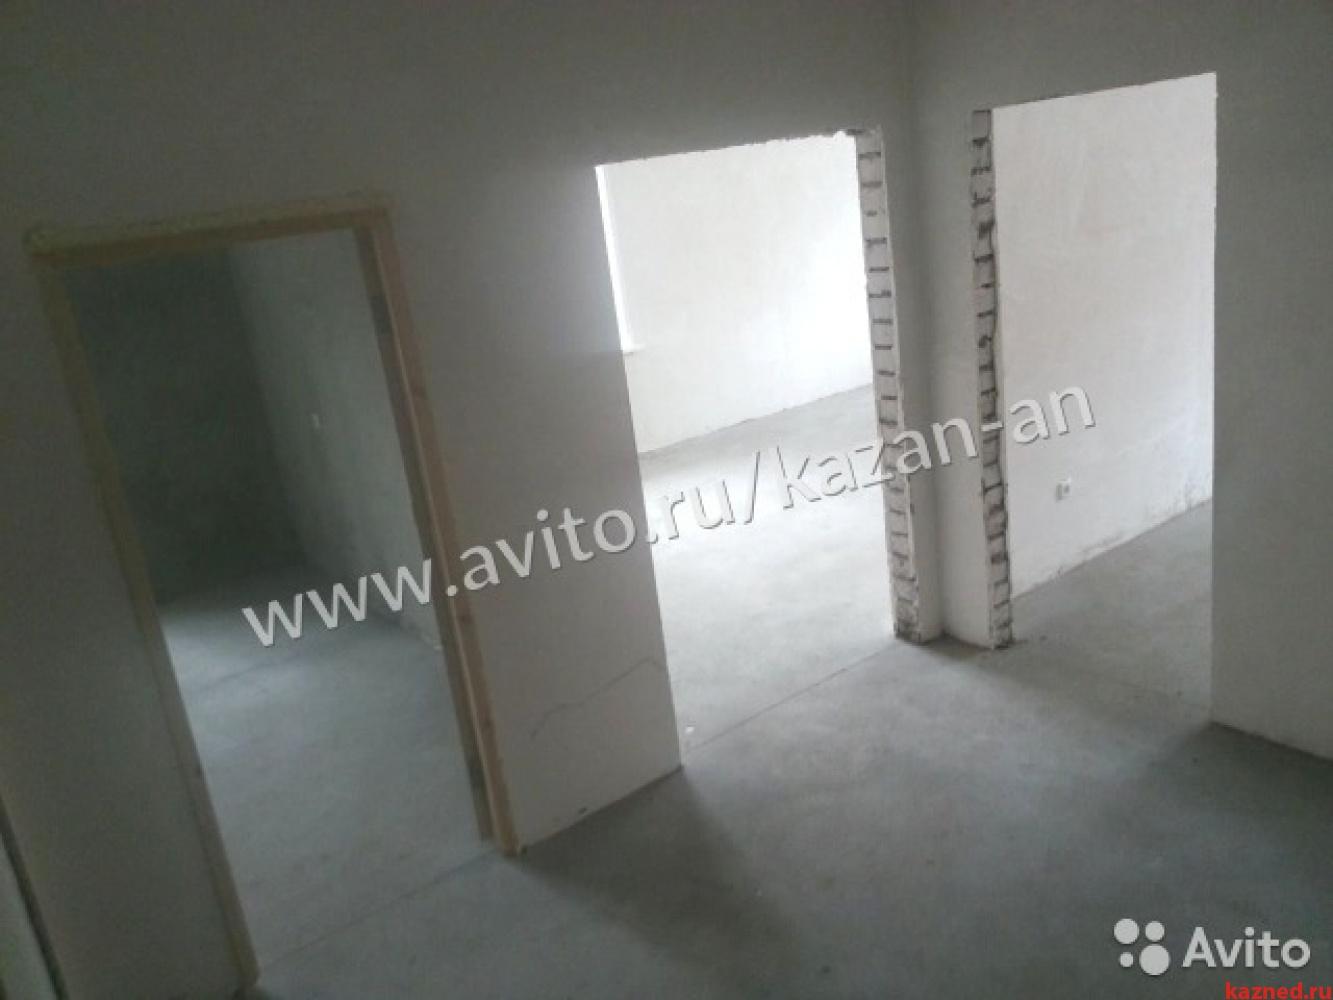 Продажа 2-к квартиры Комсомольская, д. 26, 74 м²  (миниатюра №7)